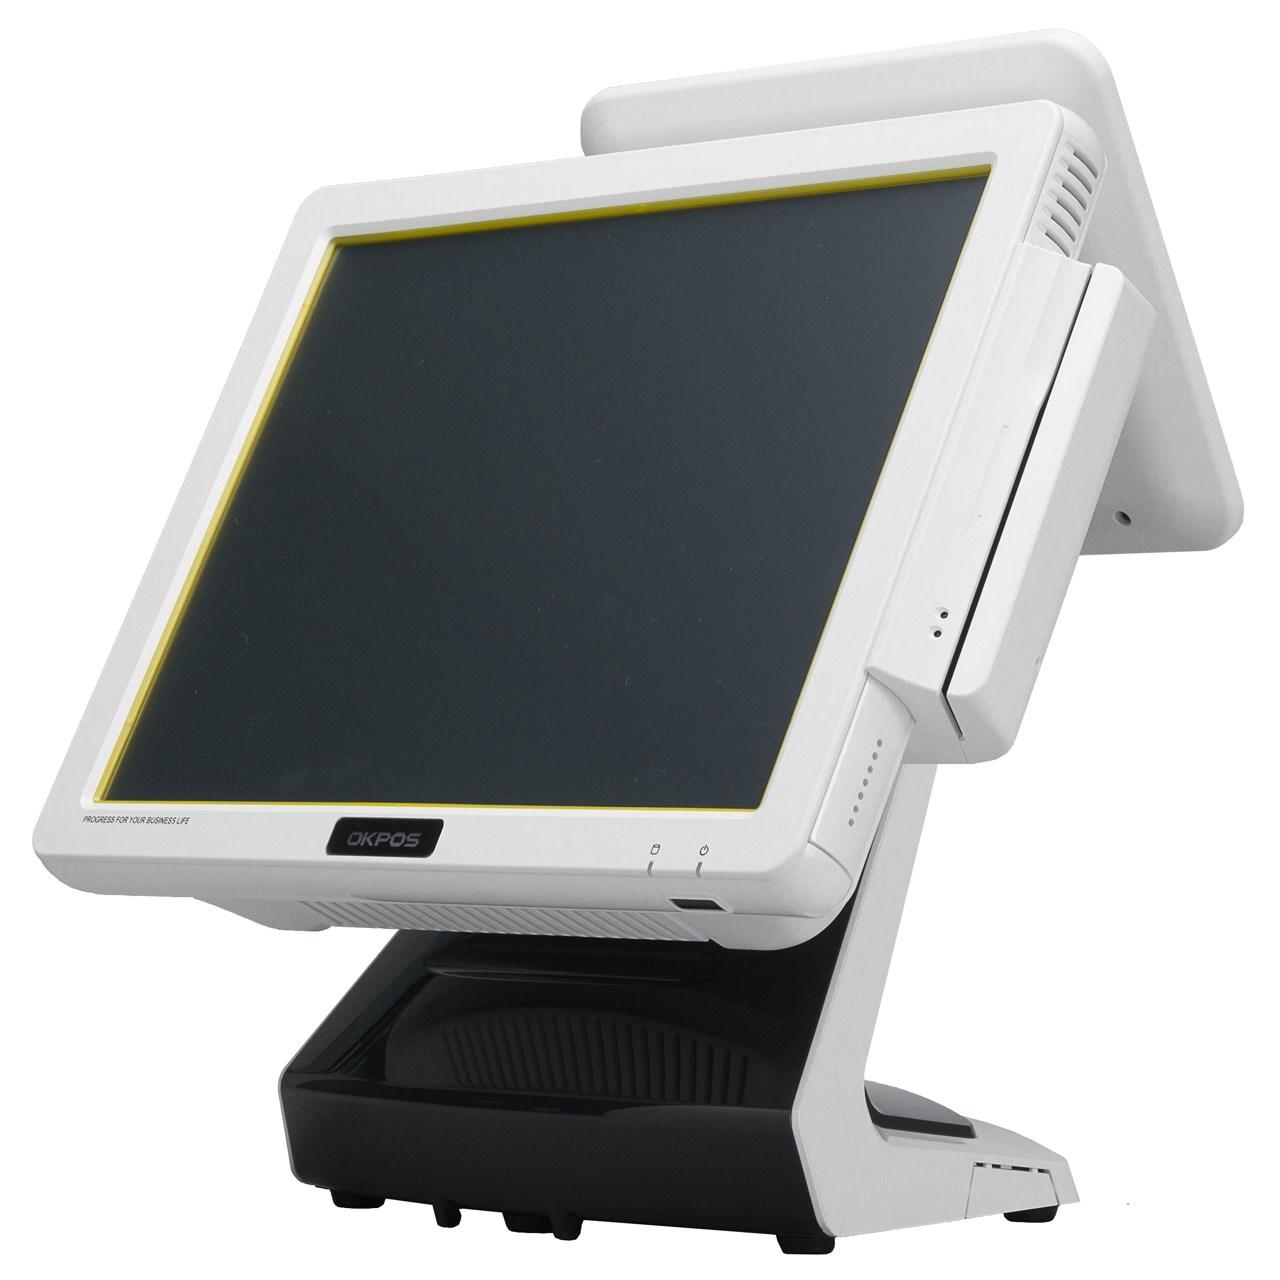 قیمت                      صندوق فروشگاهی POS لمسی اوکی پوز مدل Z-1500